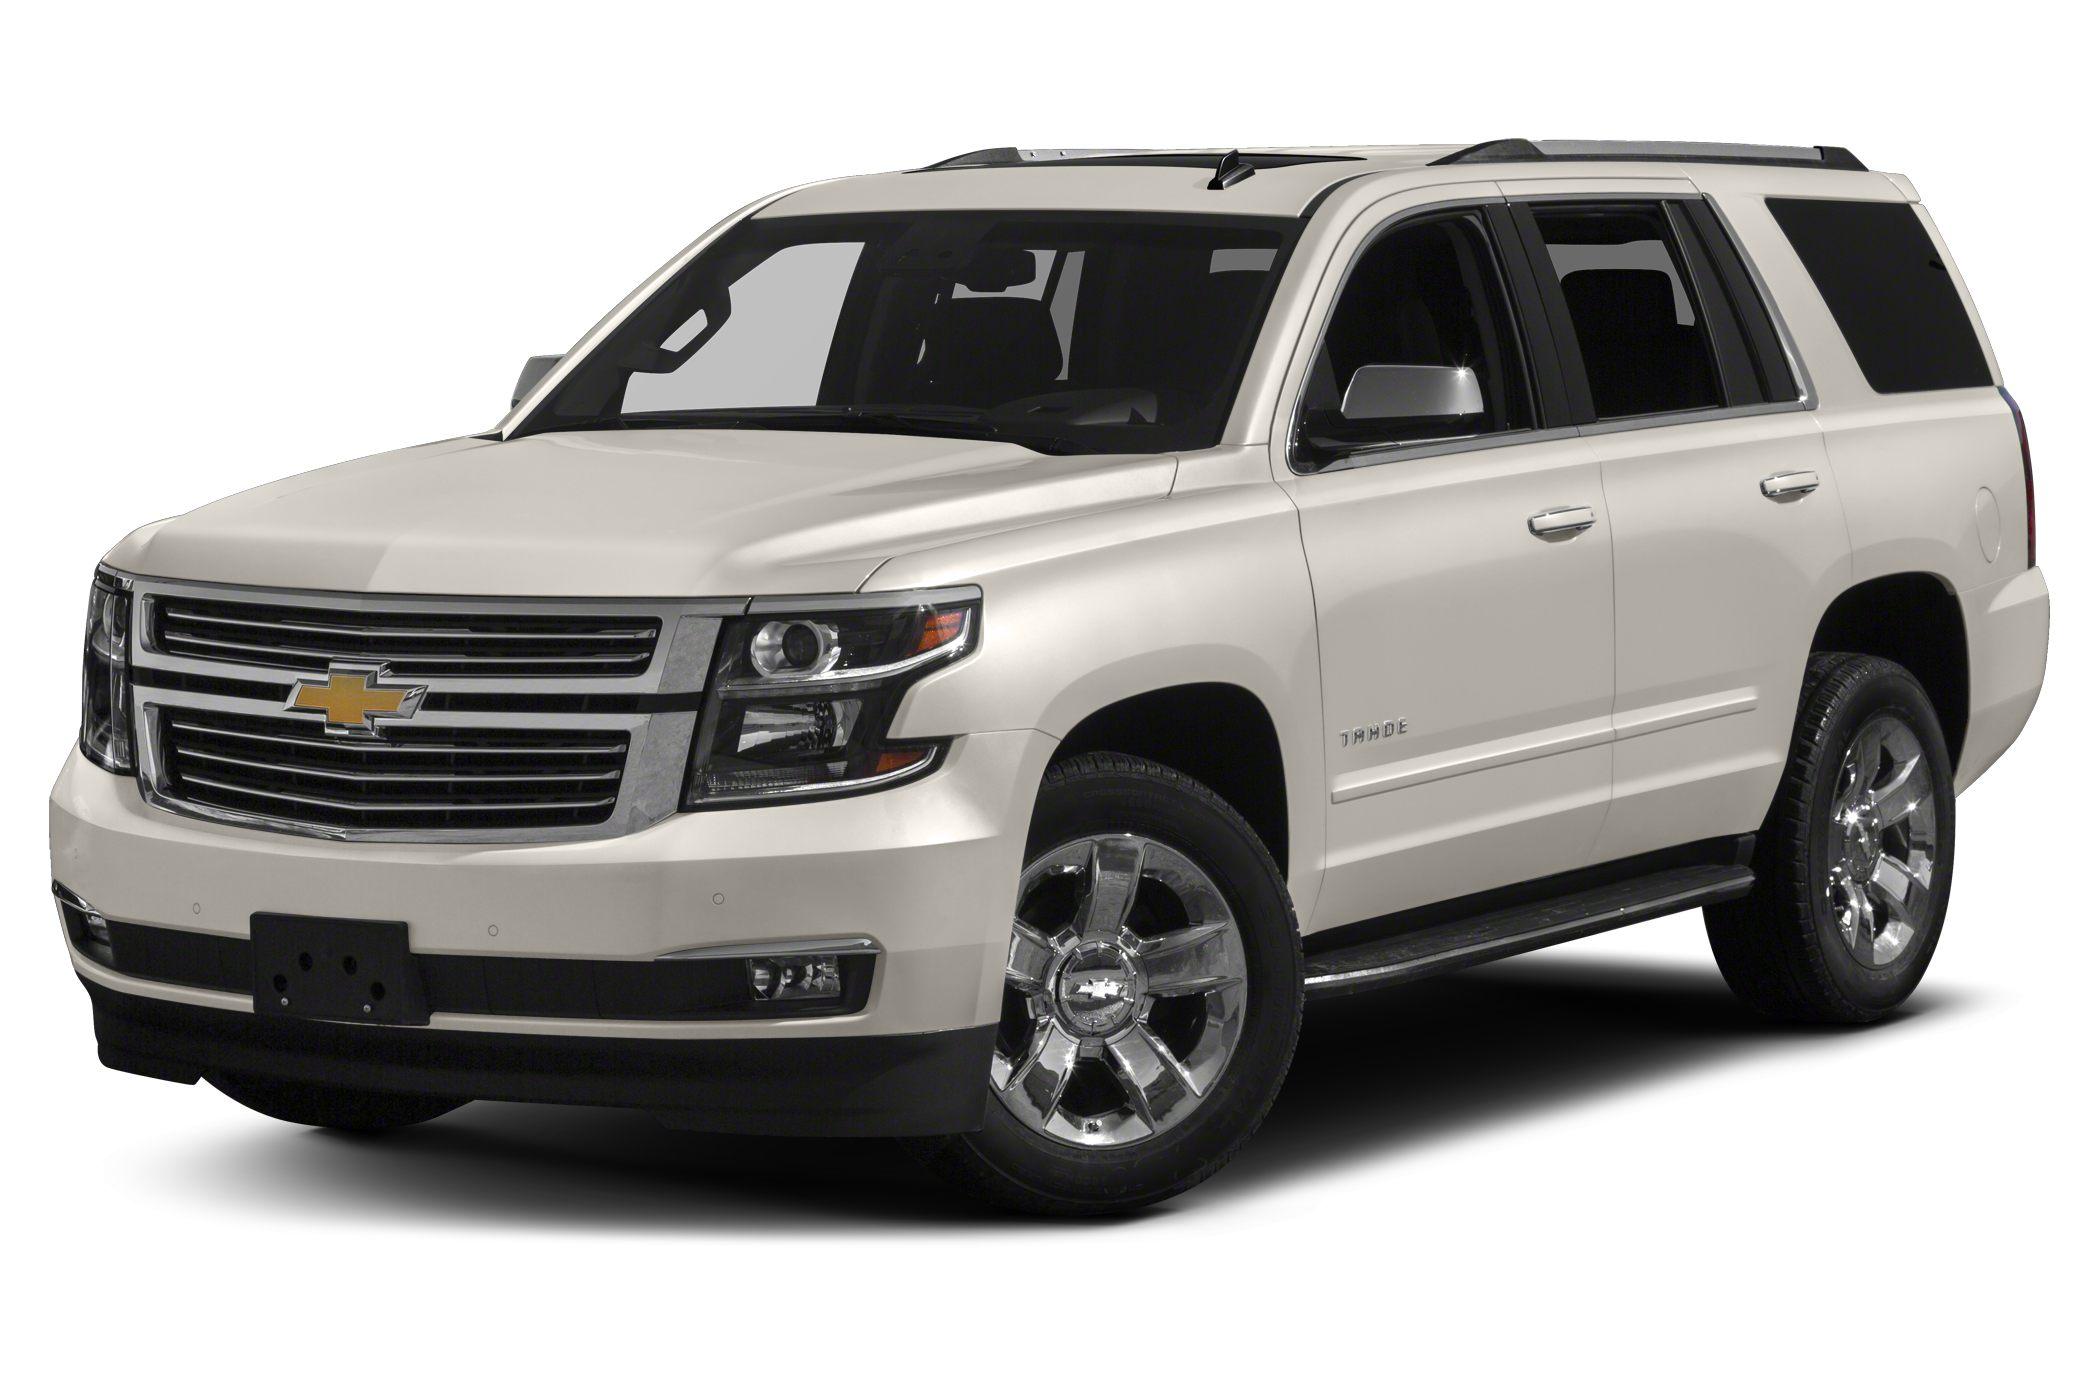 2015 Chevrolet Tahoe LTZ Miles 21750Color White Stock 000P1125 VIN 1GNSCCKCXFR559317